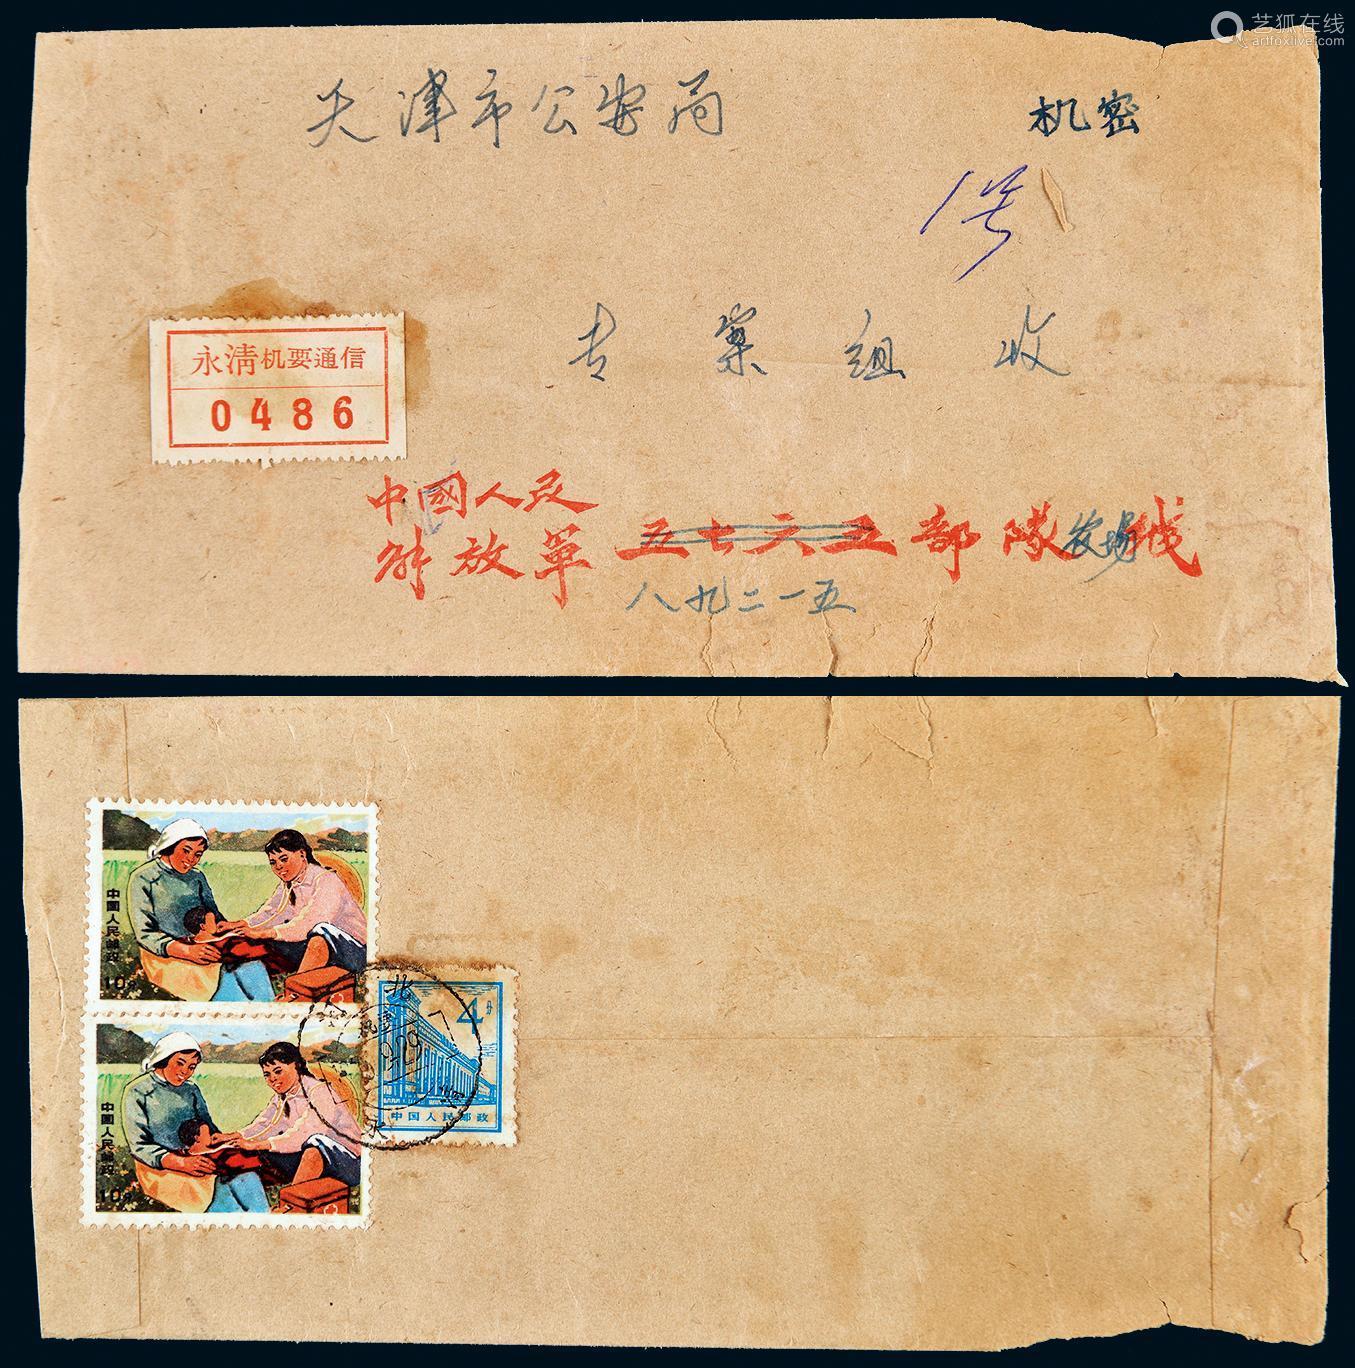 1973年河北永清解放军八九二一五部队寄天津机要通信封